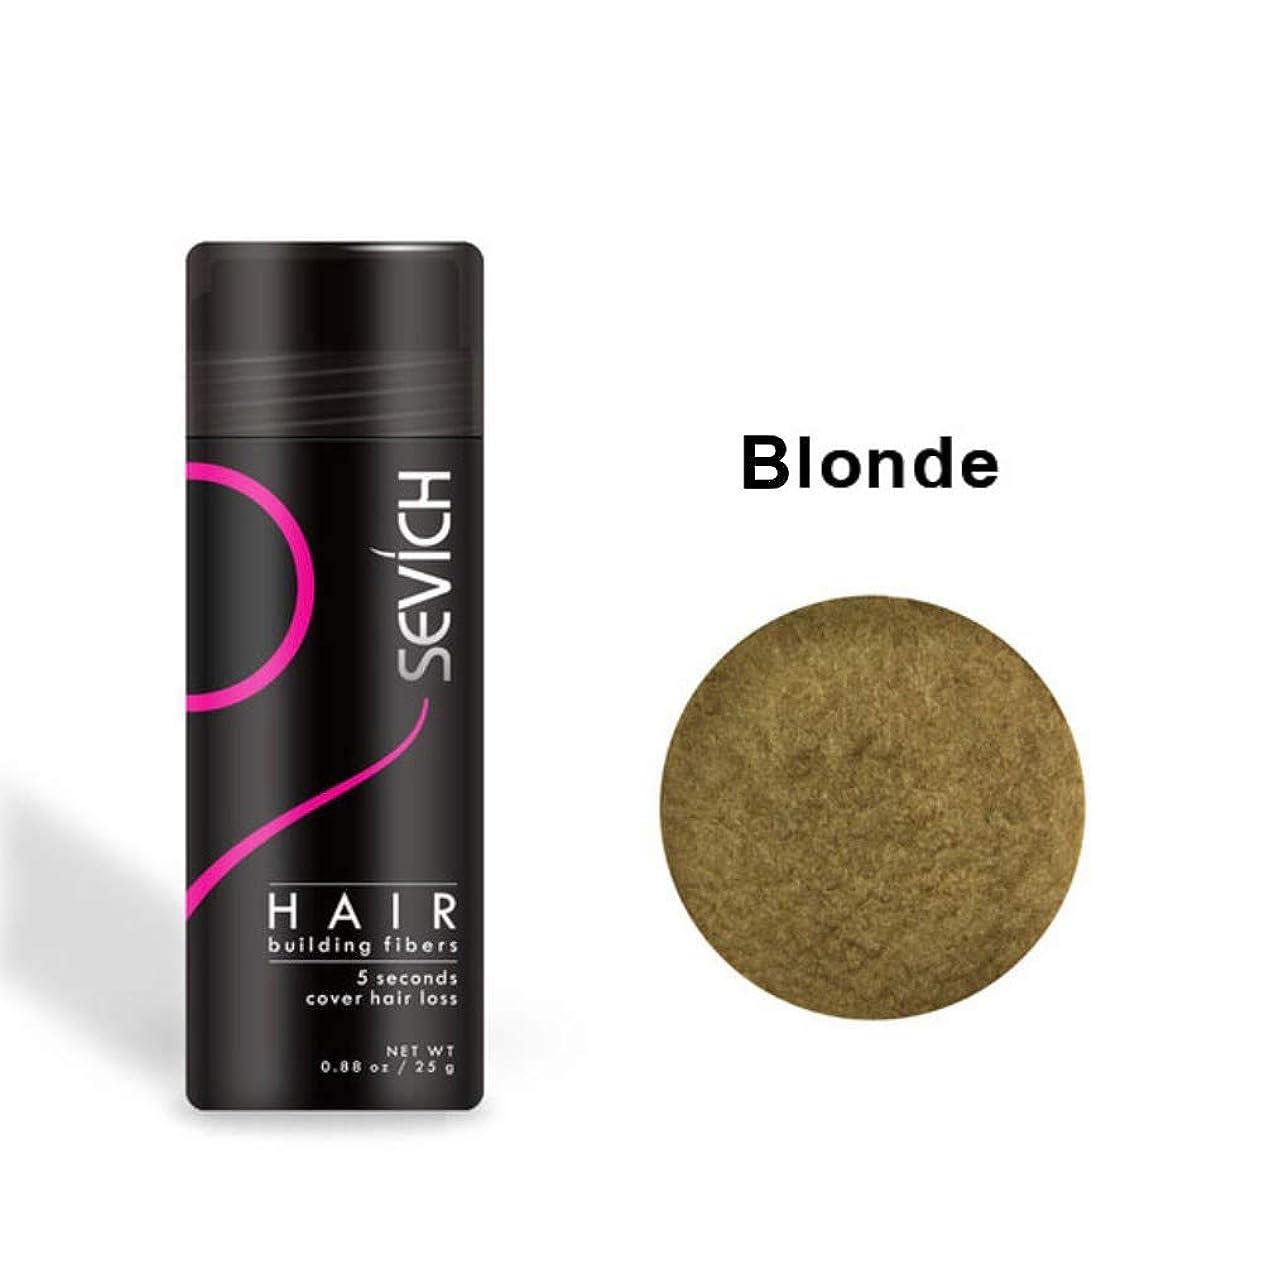 ボランティア希少性シリアルCutelove ヘアビルディングファイバー 薄毛隠し ダークブラウンヘアビルディングファイバー ? ライトブラウンヘアービルディングファイバー ミディアムブラウンヘアービルディングファイバー ブロンドの髪を作る繊維 アプリケーターが付いている茶色の髪を作る繊維 ヘアビルディングファイバーホワイト